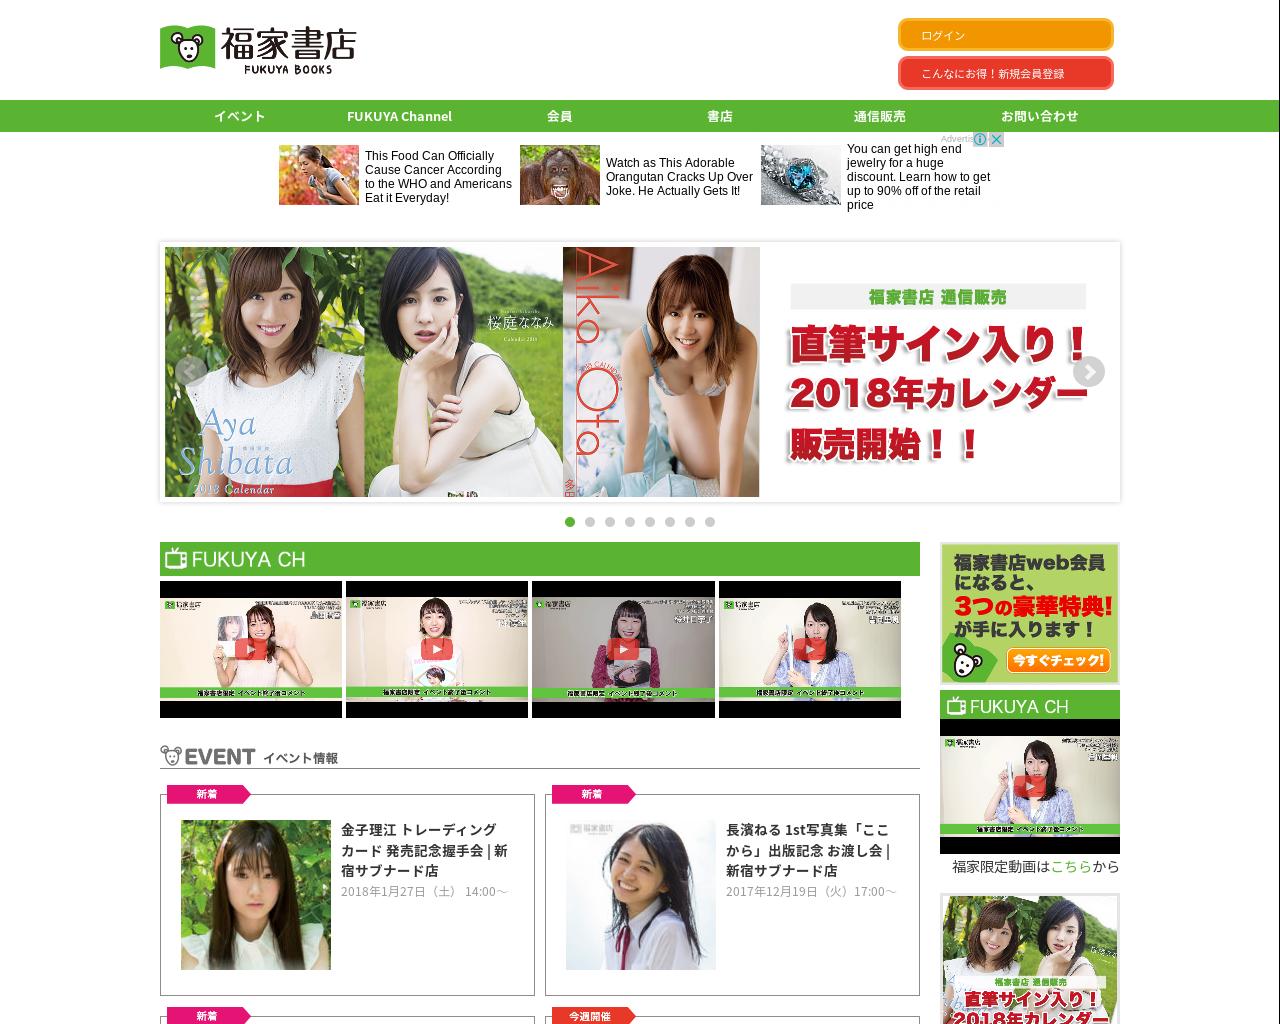 www.fukuya-shoten.jp(2017/12/02 07:50:12)